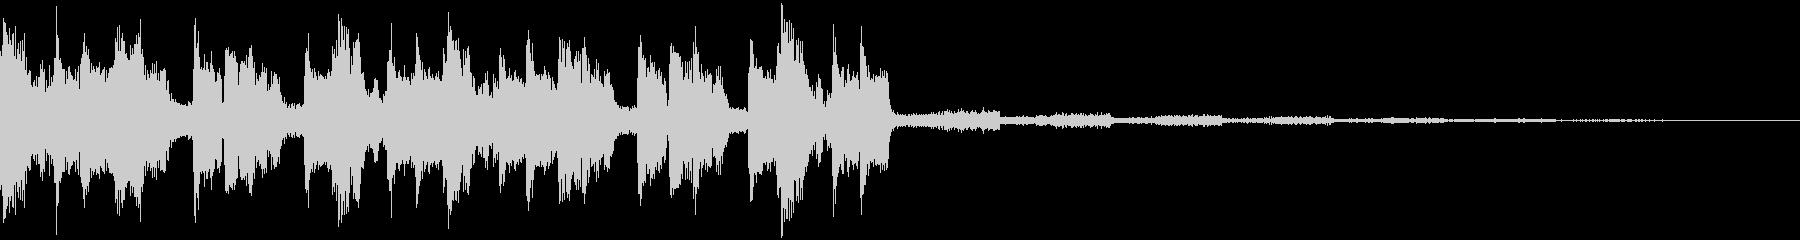 ノリノリ・キャッチーEDMジングル4の未再生の波形